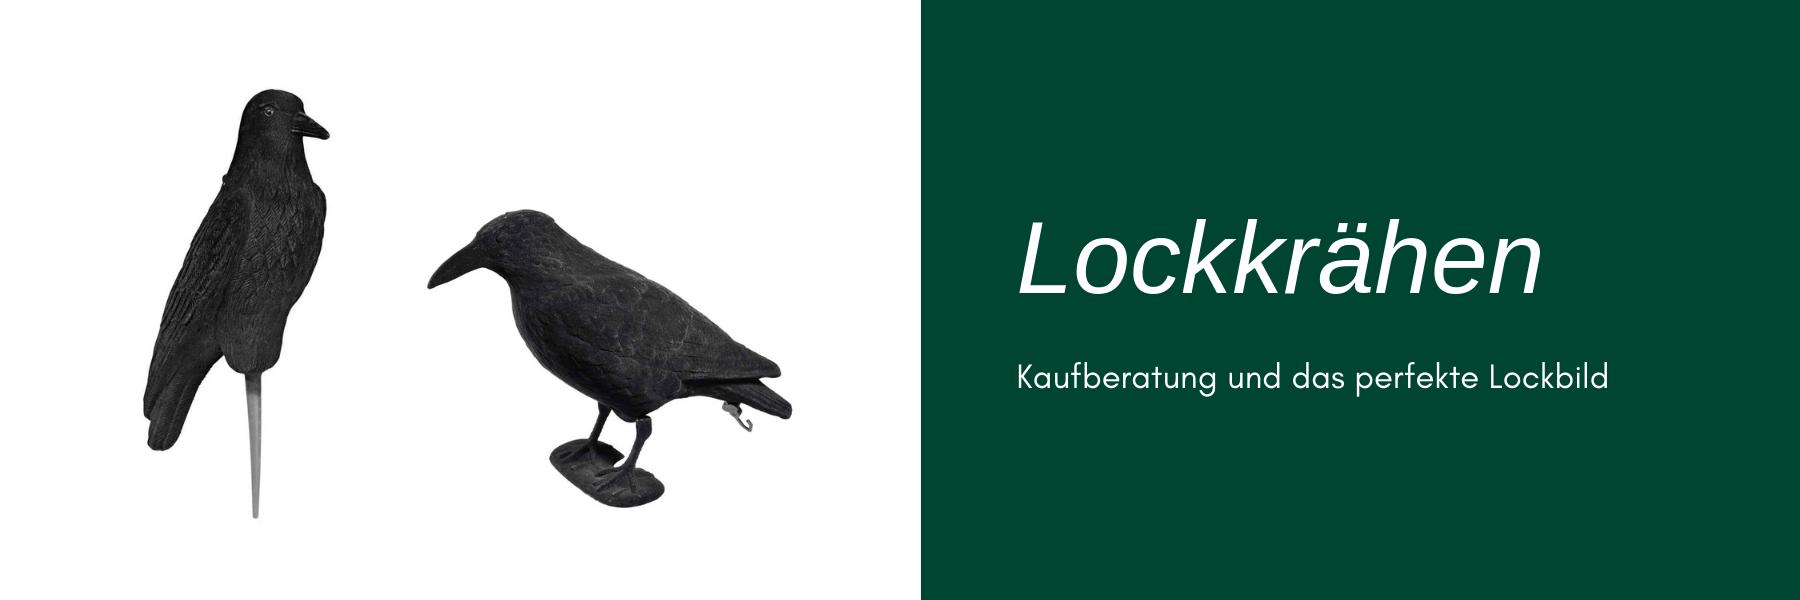 Lockkrähen - Kaufberatung und das perfekte Lockbild